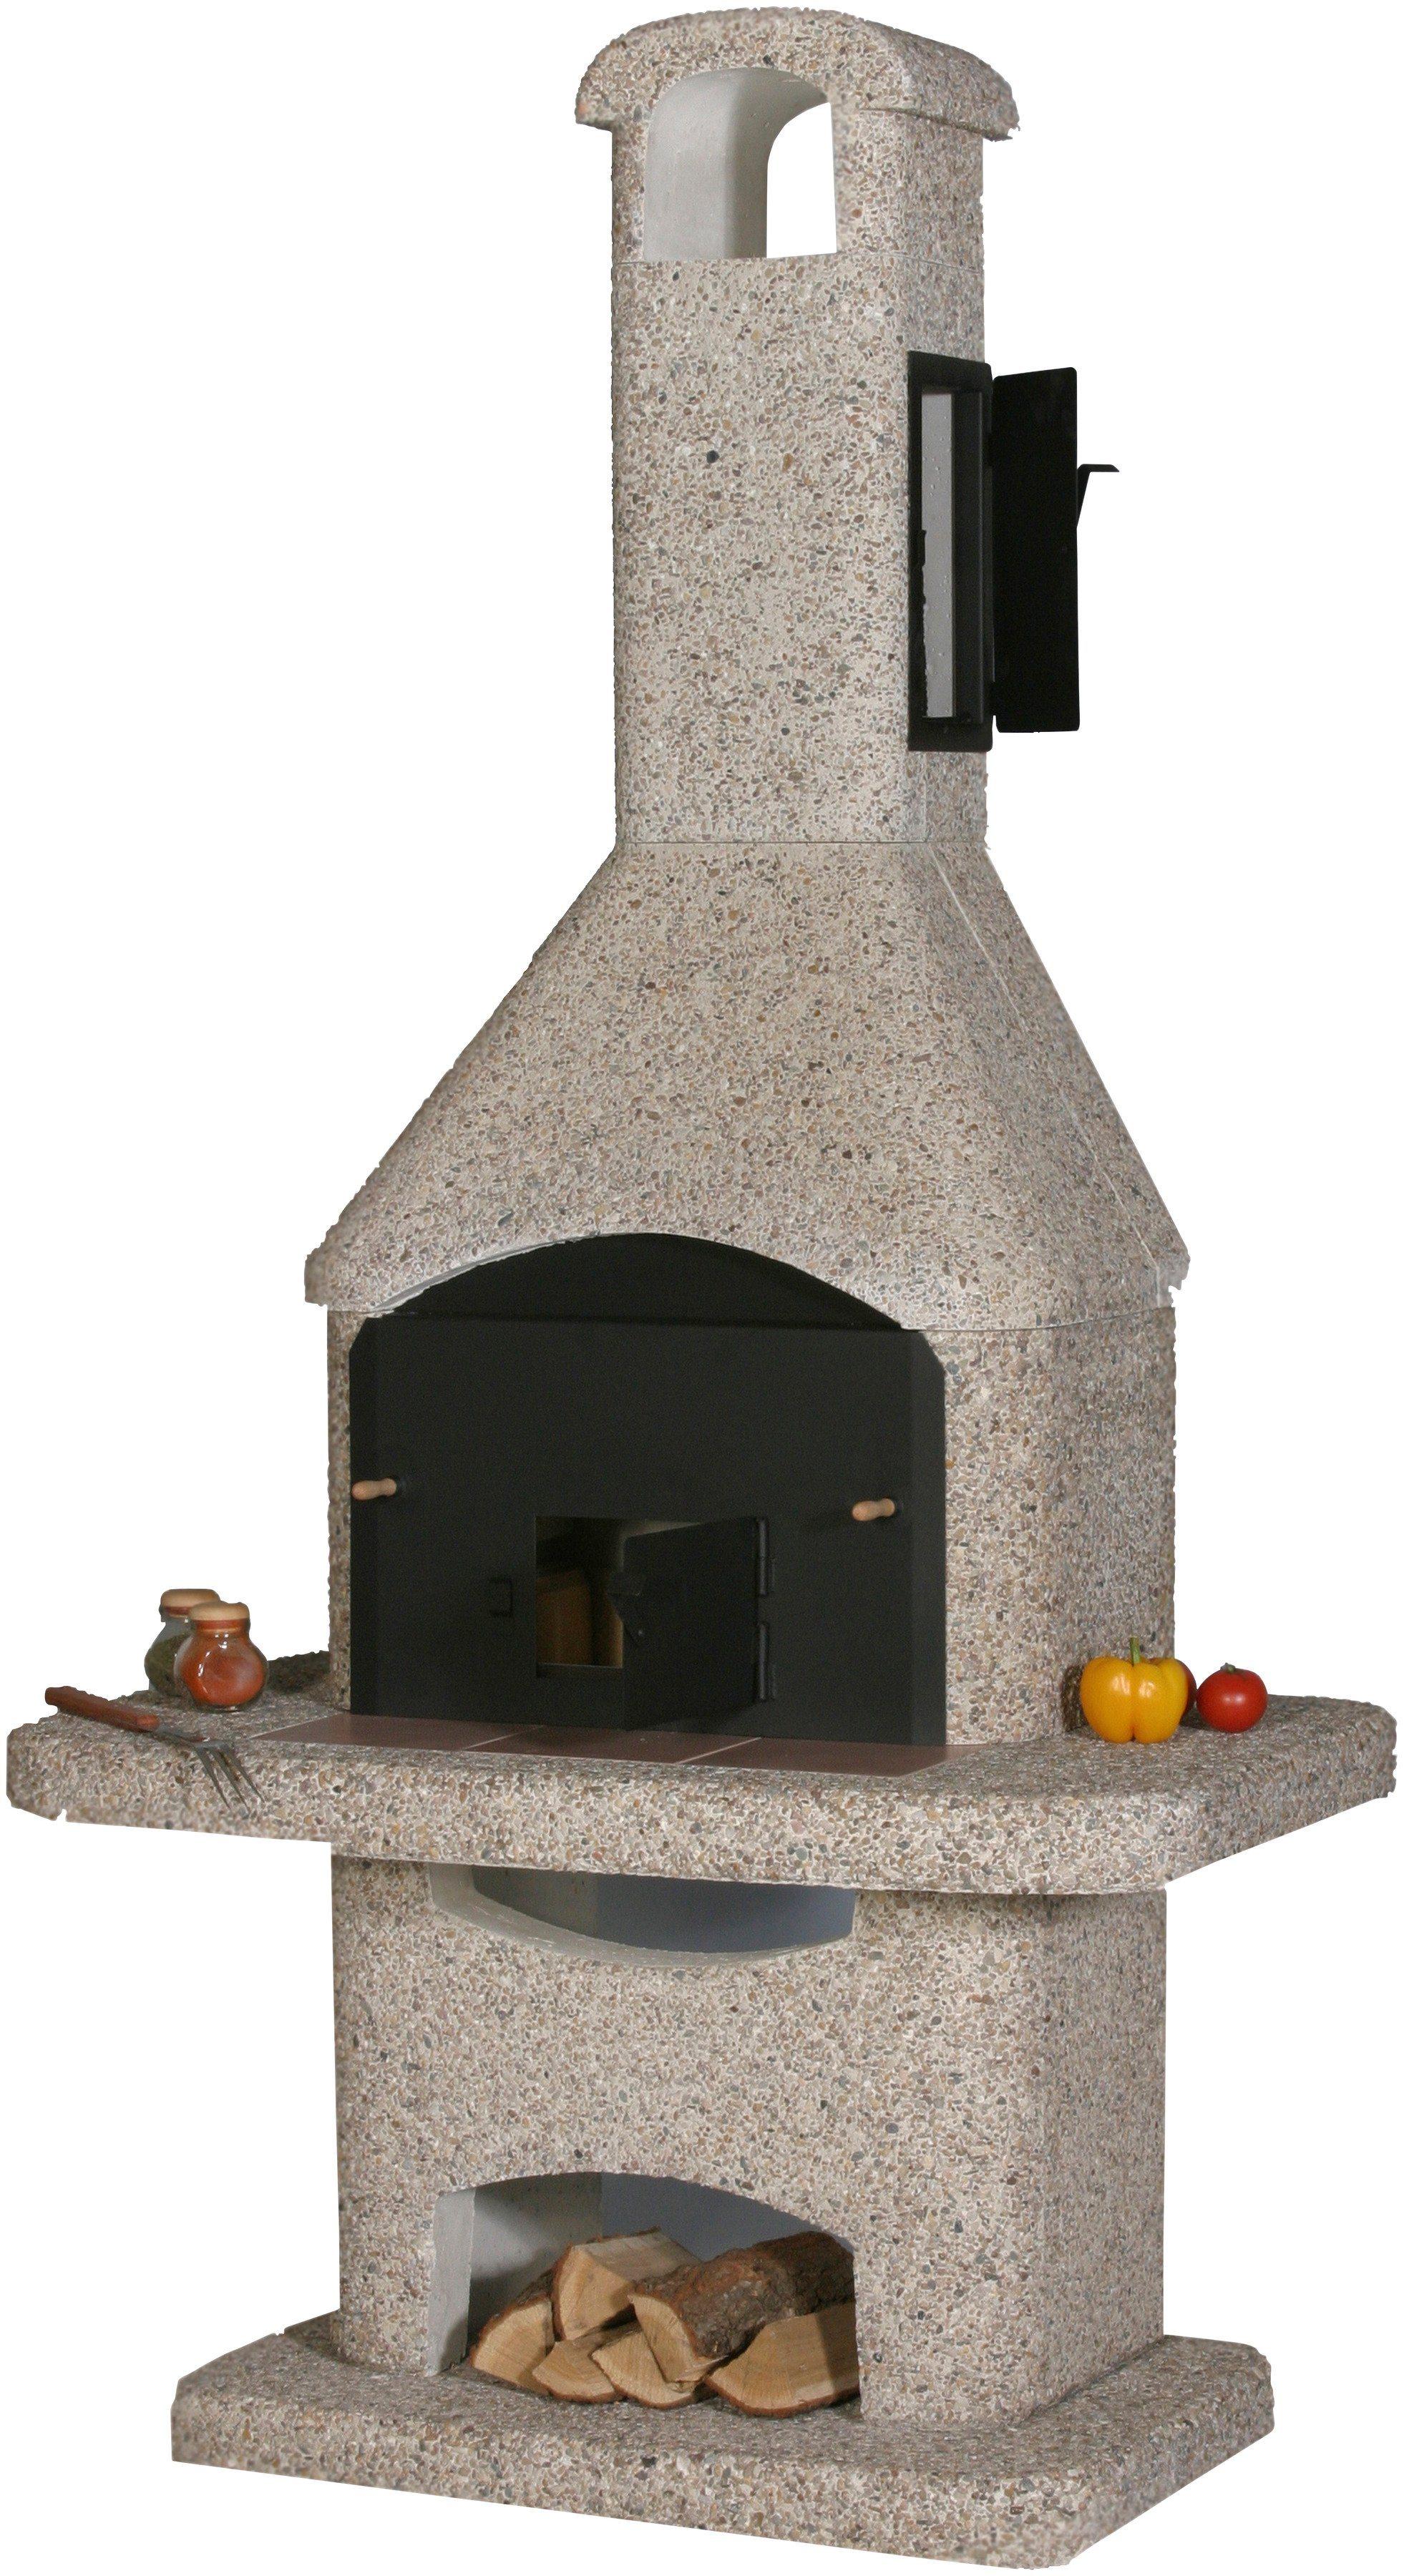 WELLFIRE Gartenkamin »Nova Quatro« | Garten > Grill und Zubehör > Gartenkamine | WELLFIRE